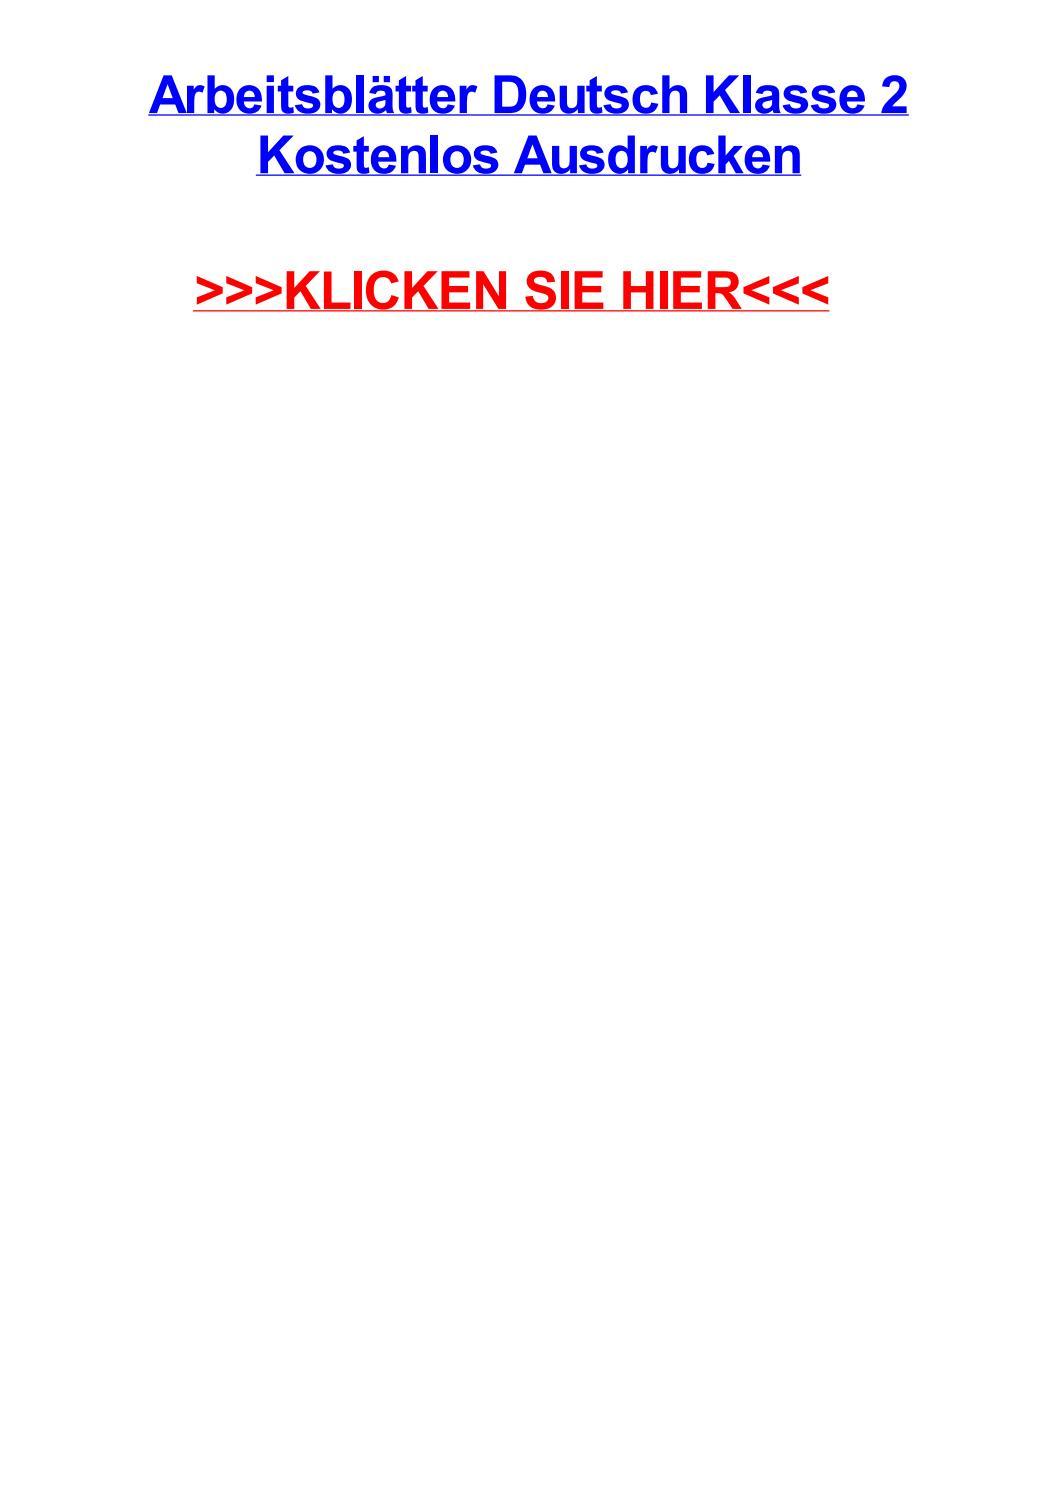 Arbeitsbltter deutsch klasse 2 kostenlos ausdrucken by heatherzyhbo ...